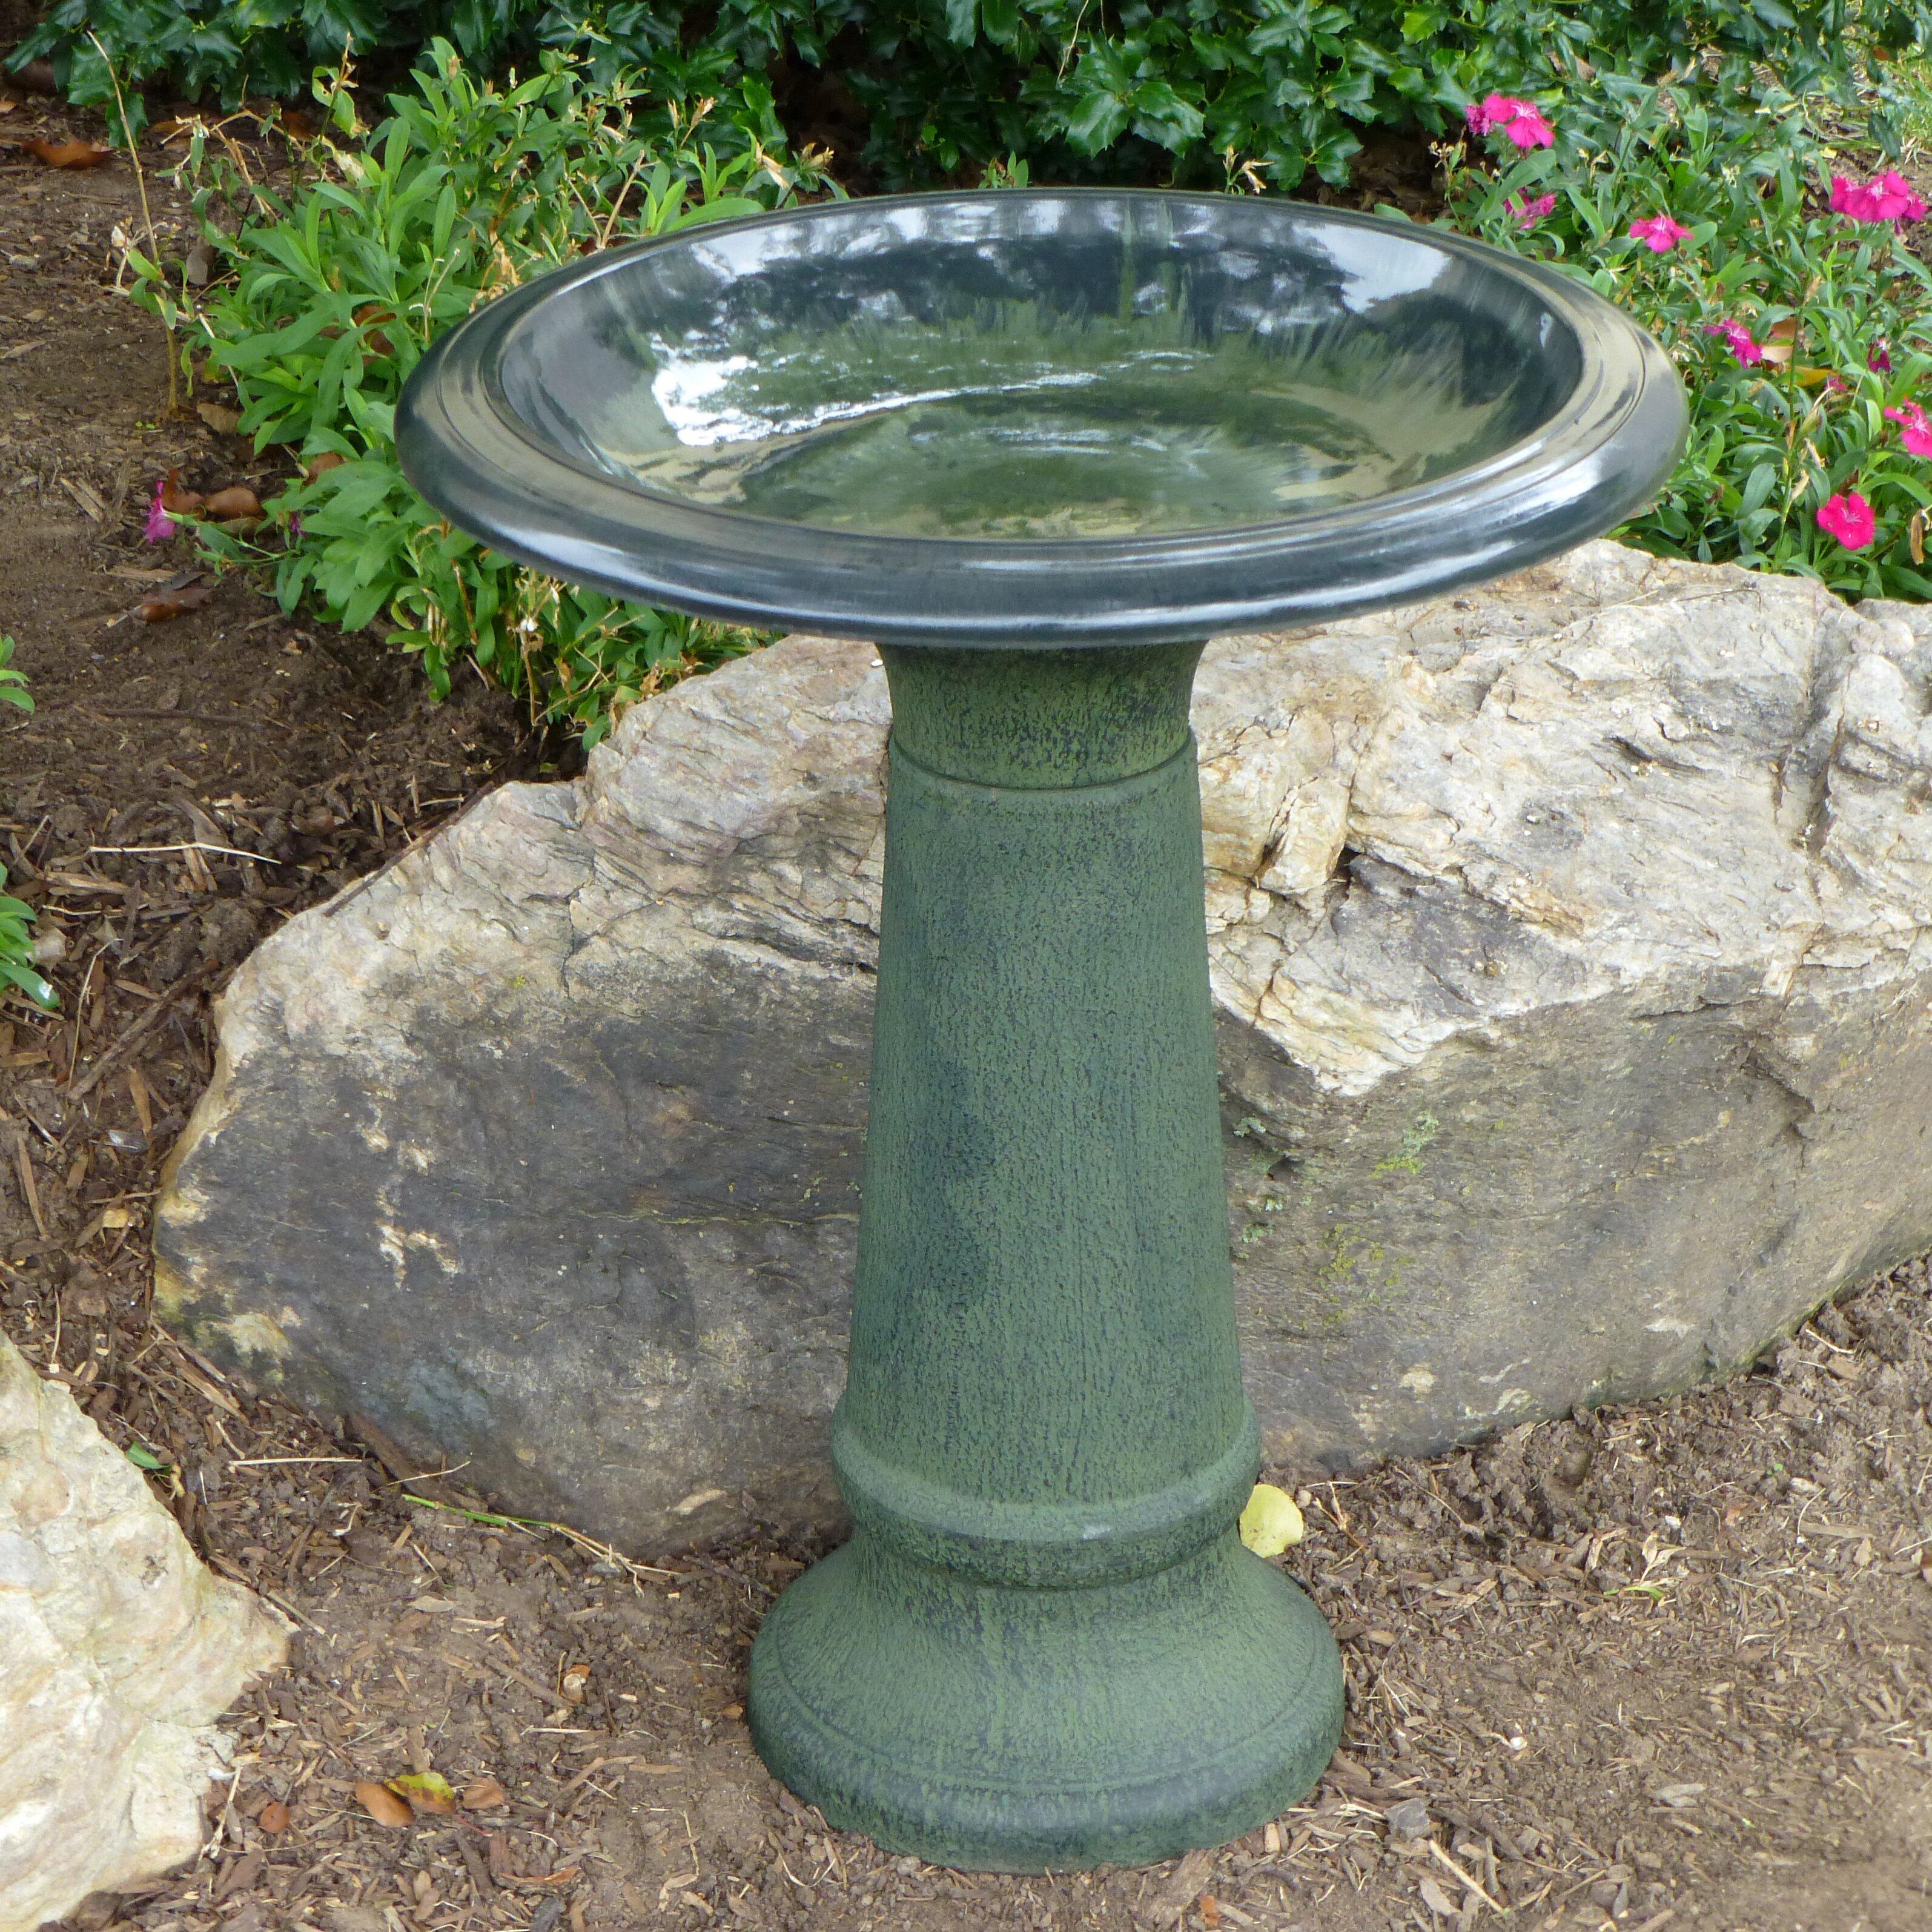 Tierra Garden Fiber Clay Bird Bath Reviews Wayfair